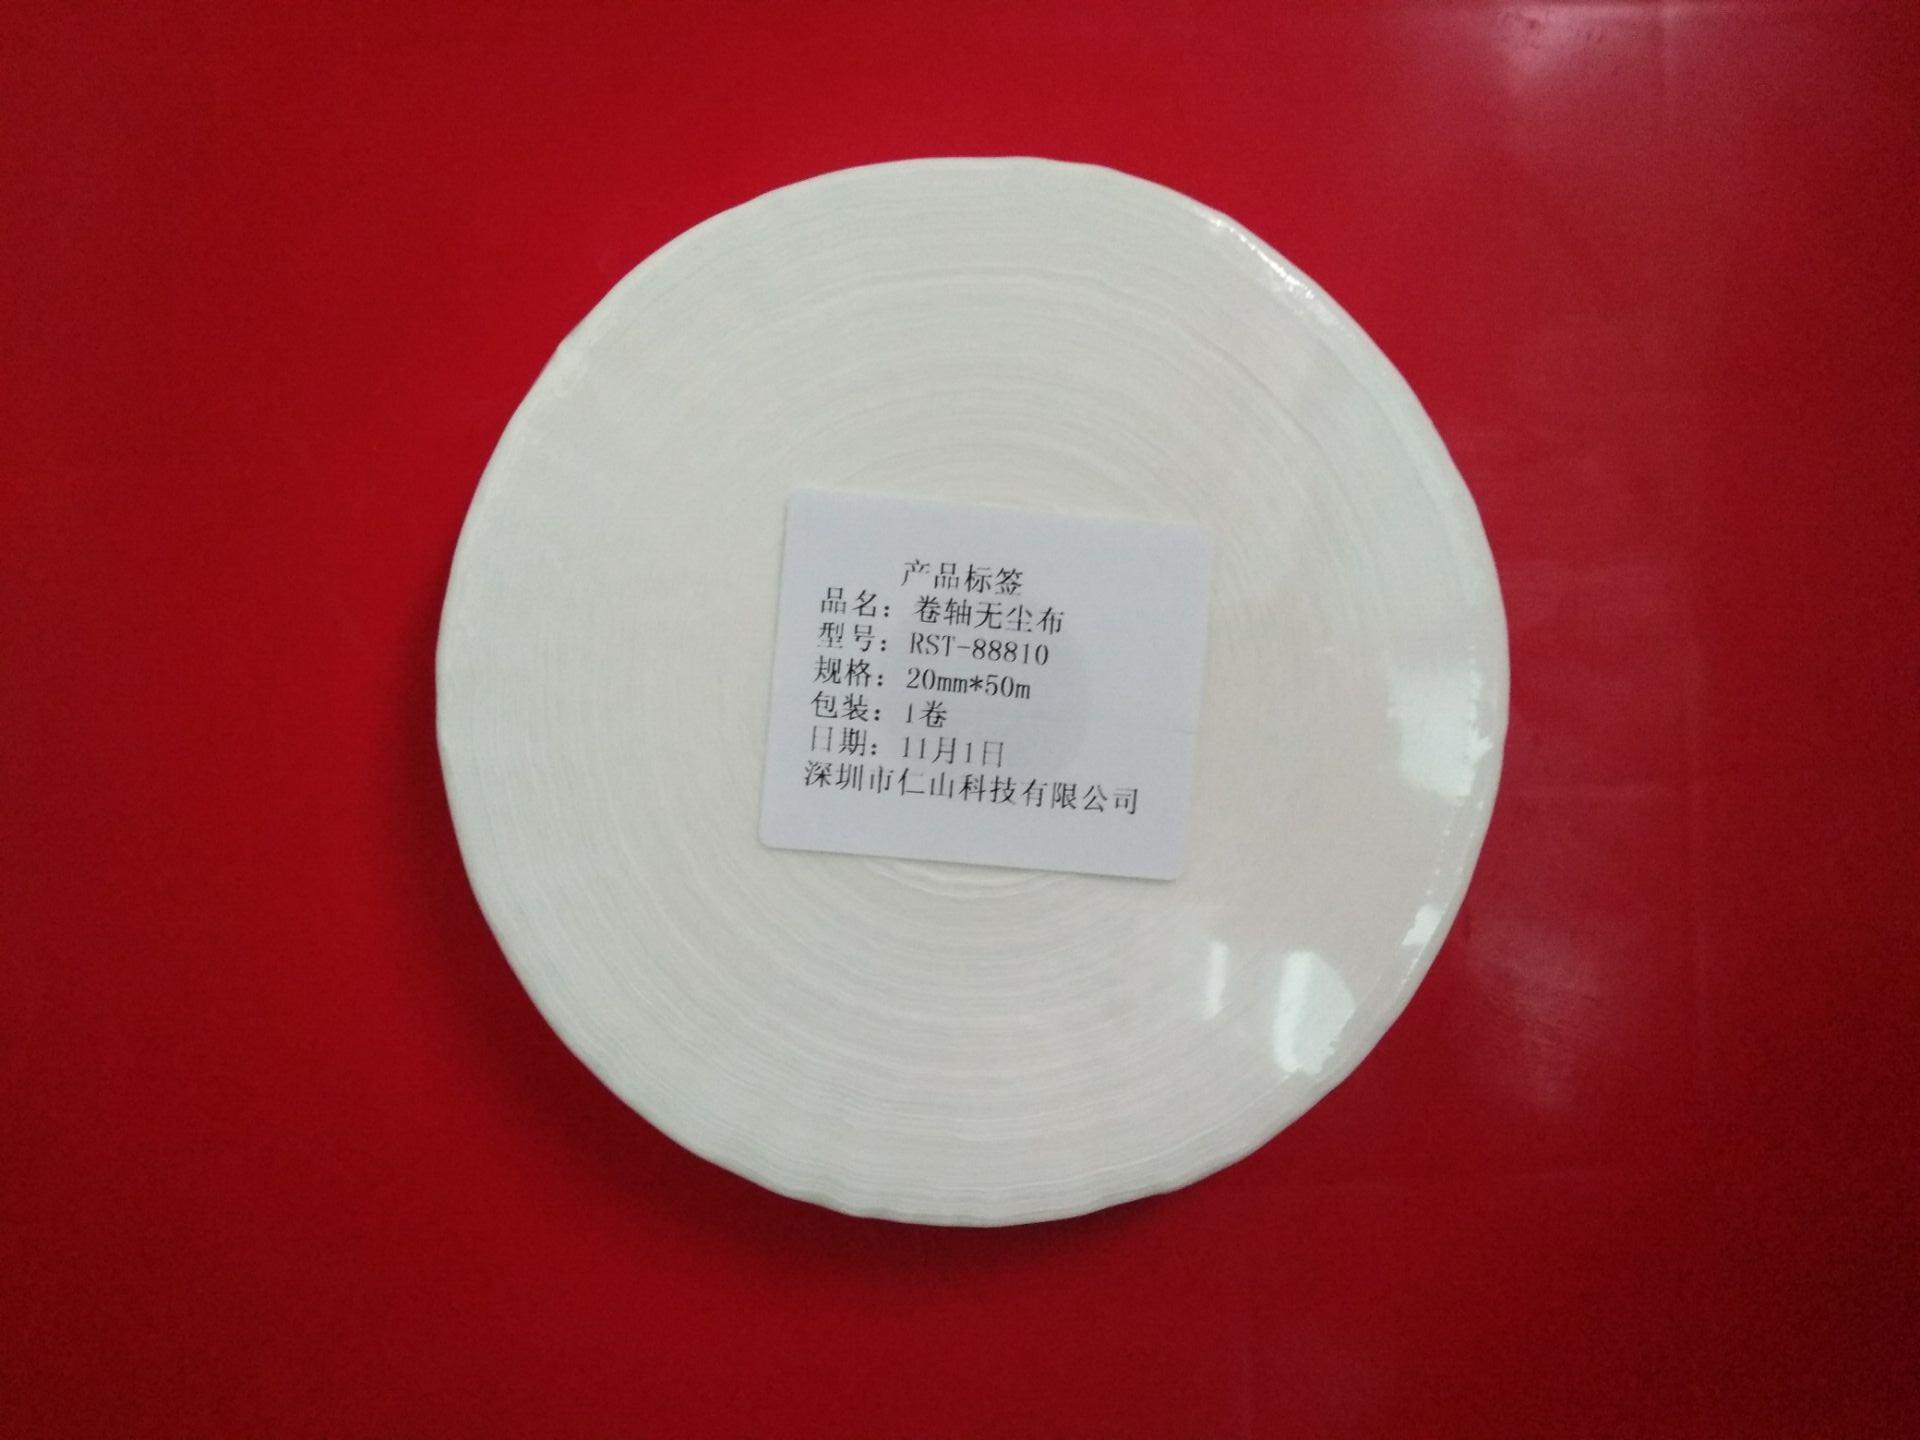 深圳市仁山科技有限公司